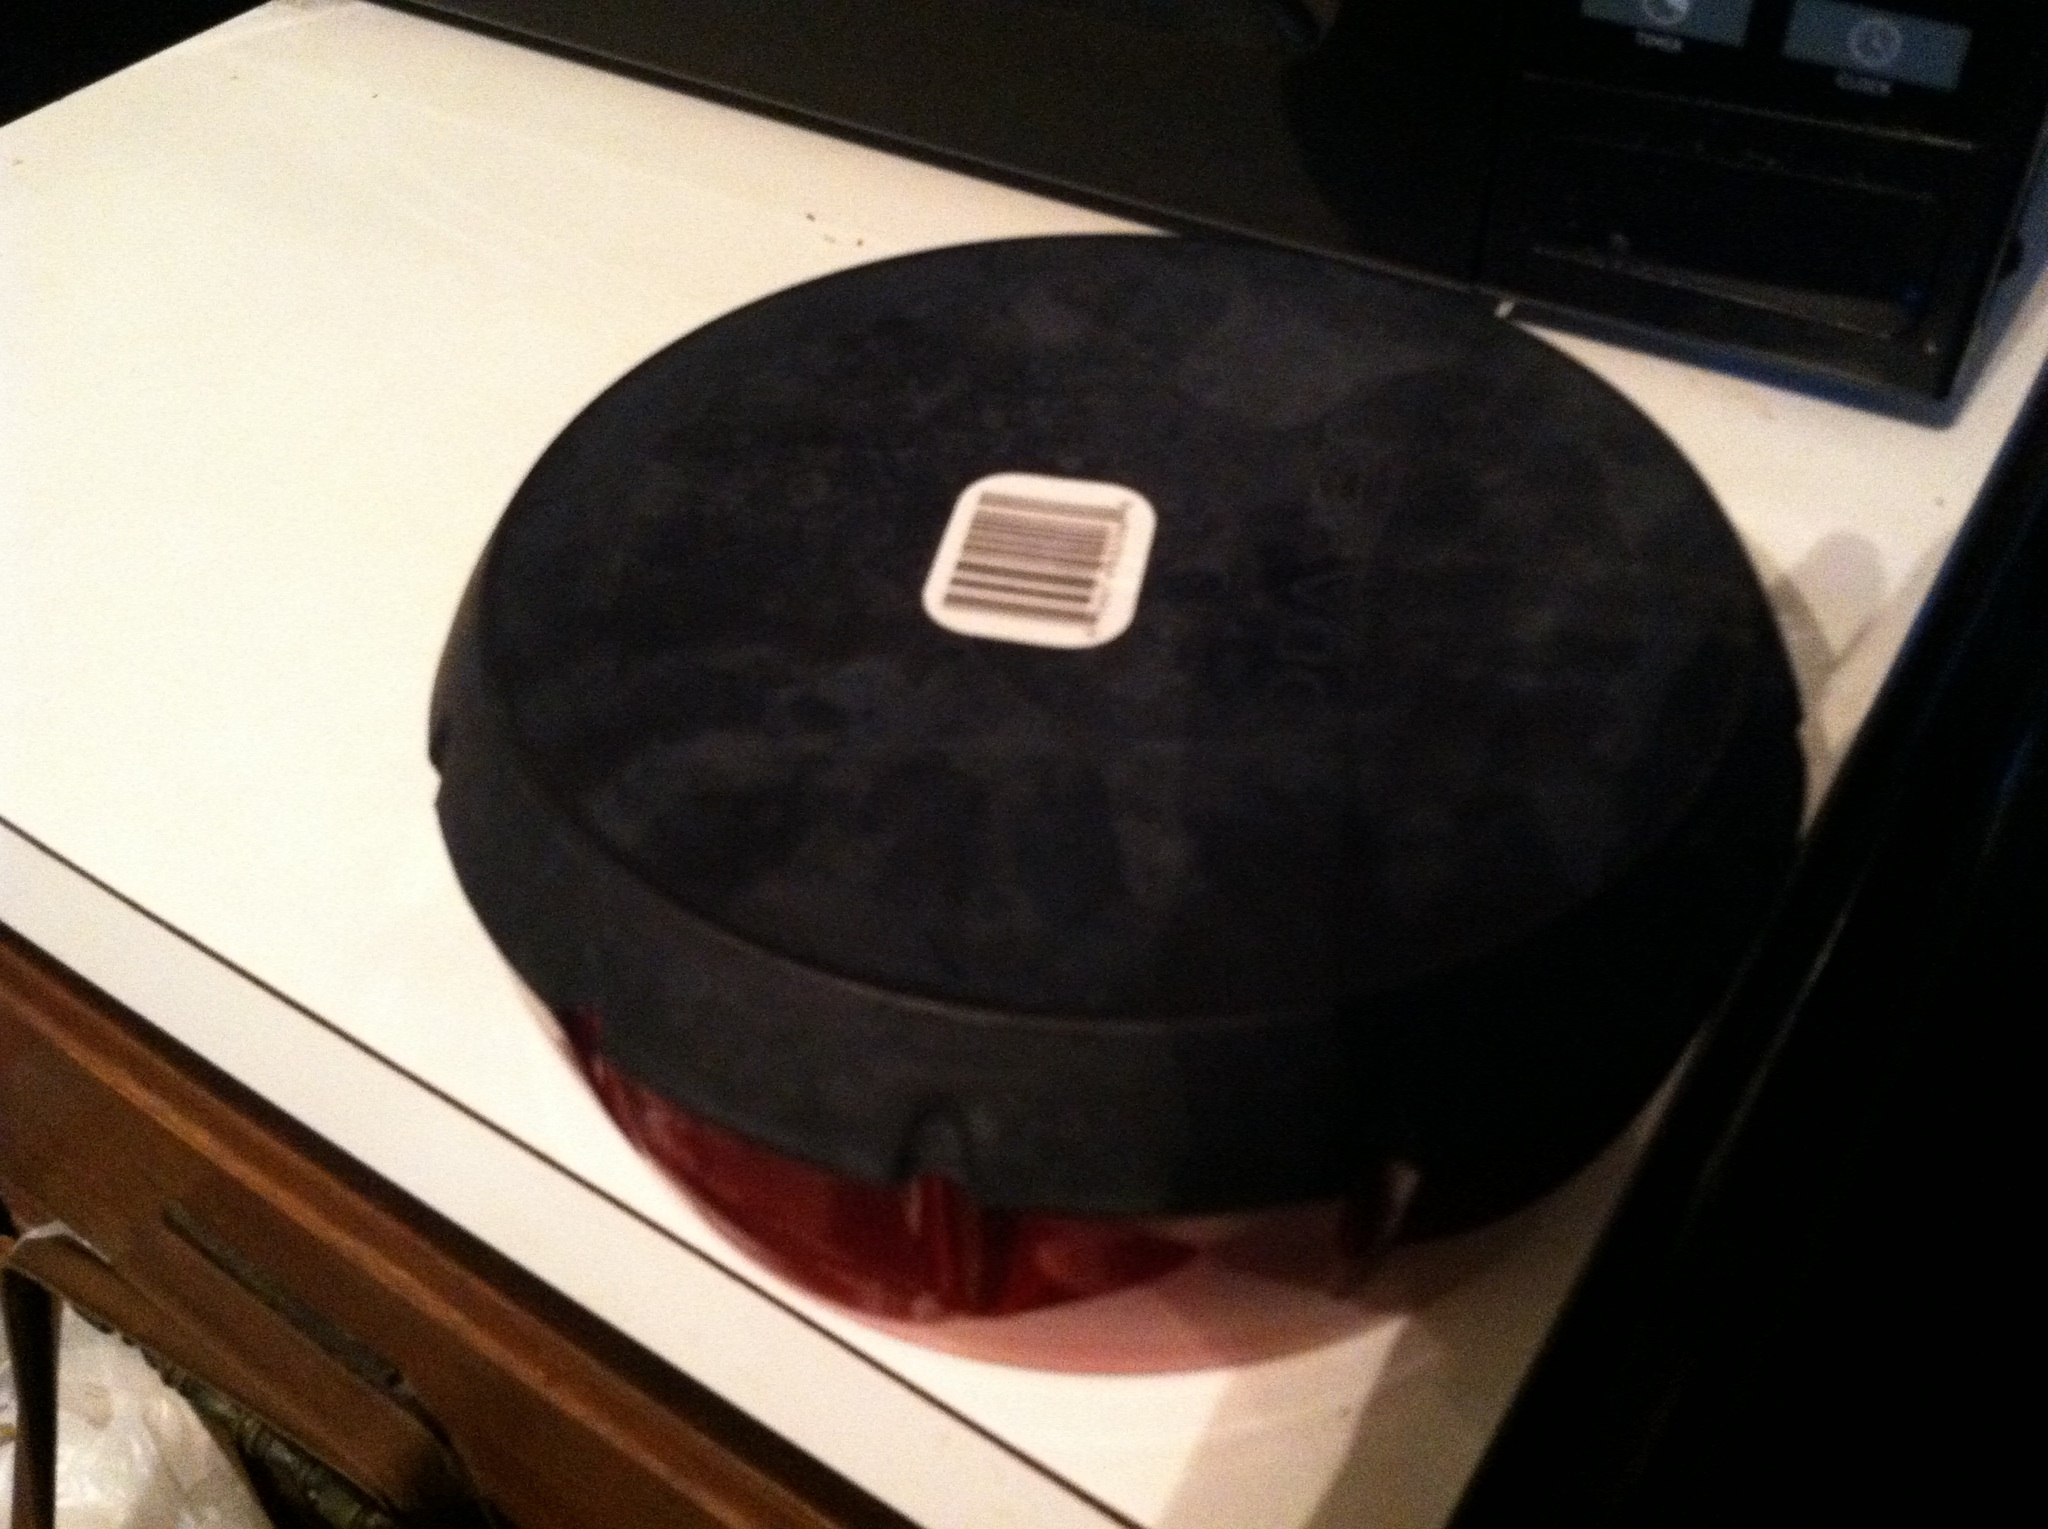 moda pet bowl rear view